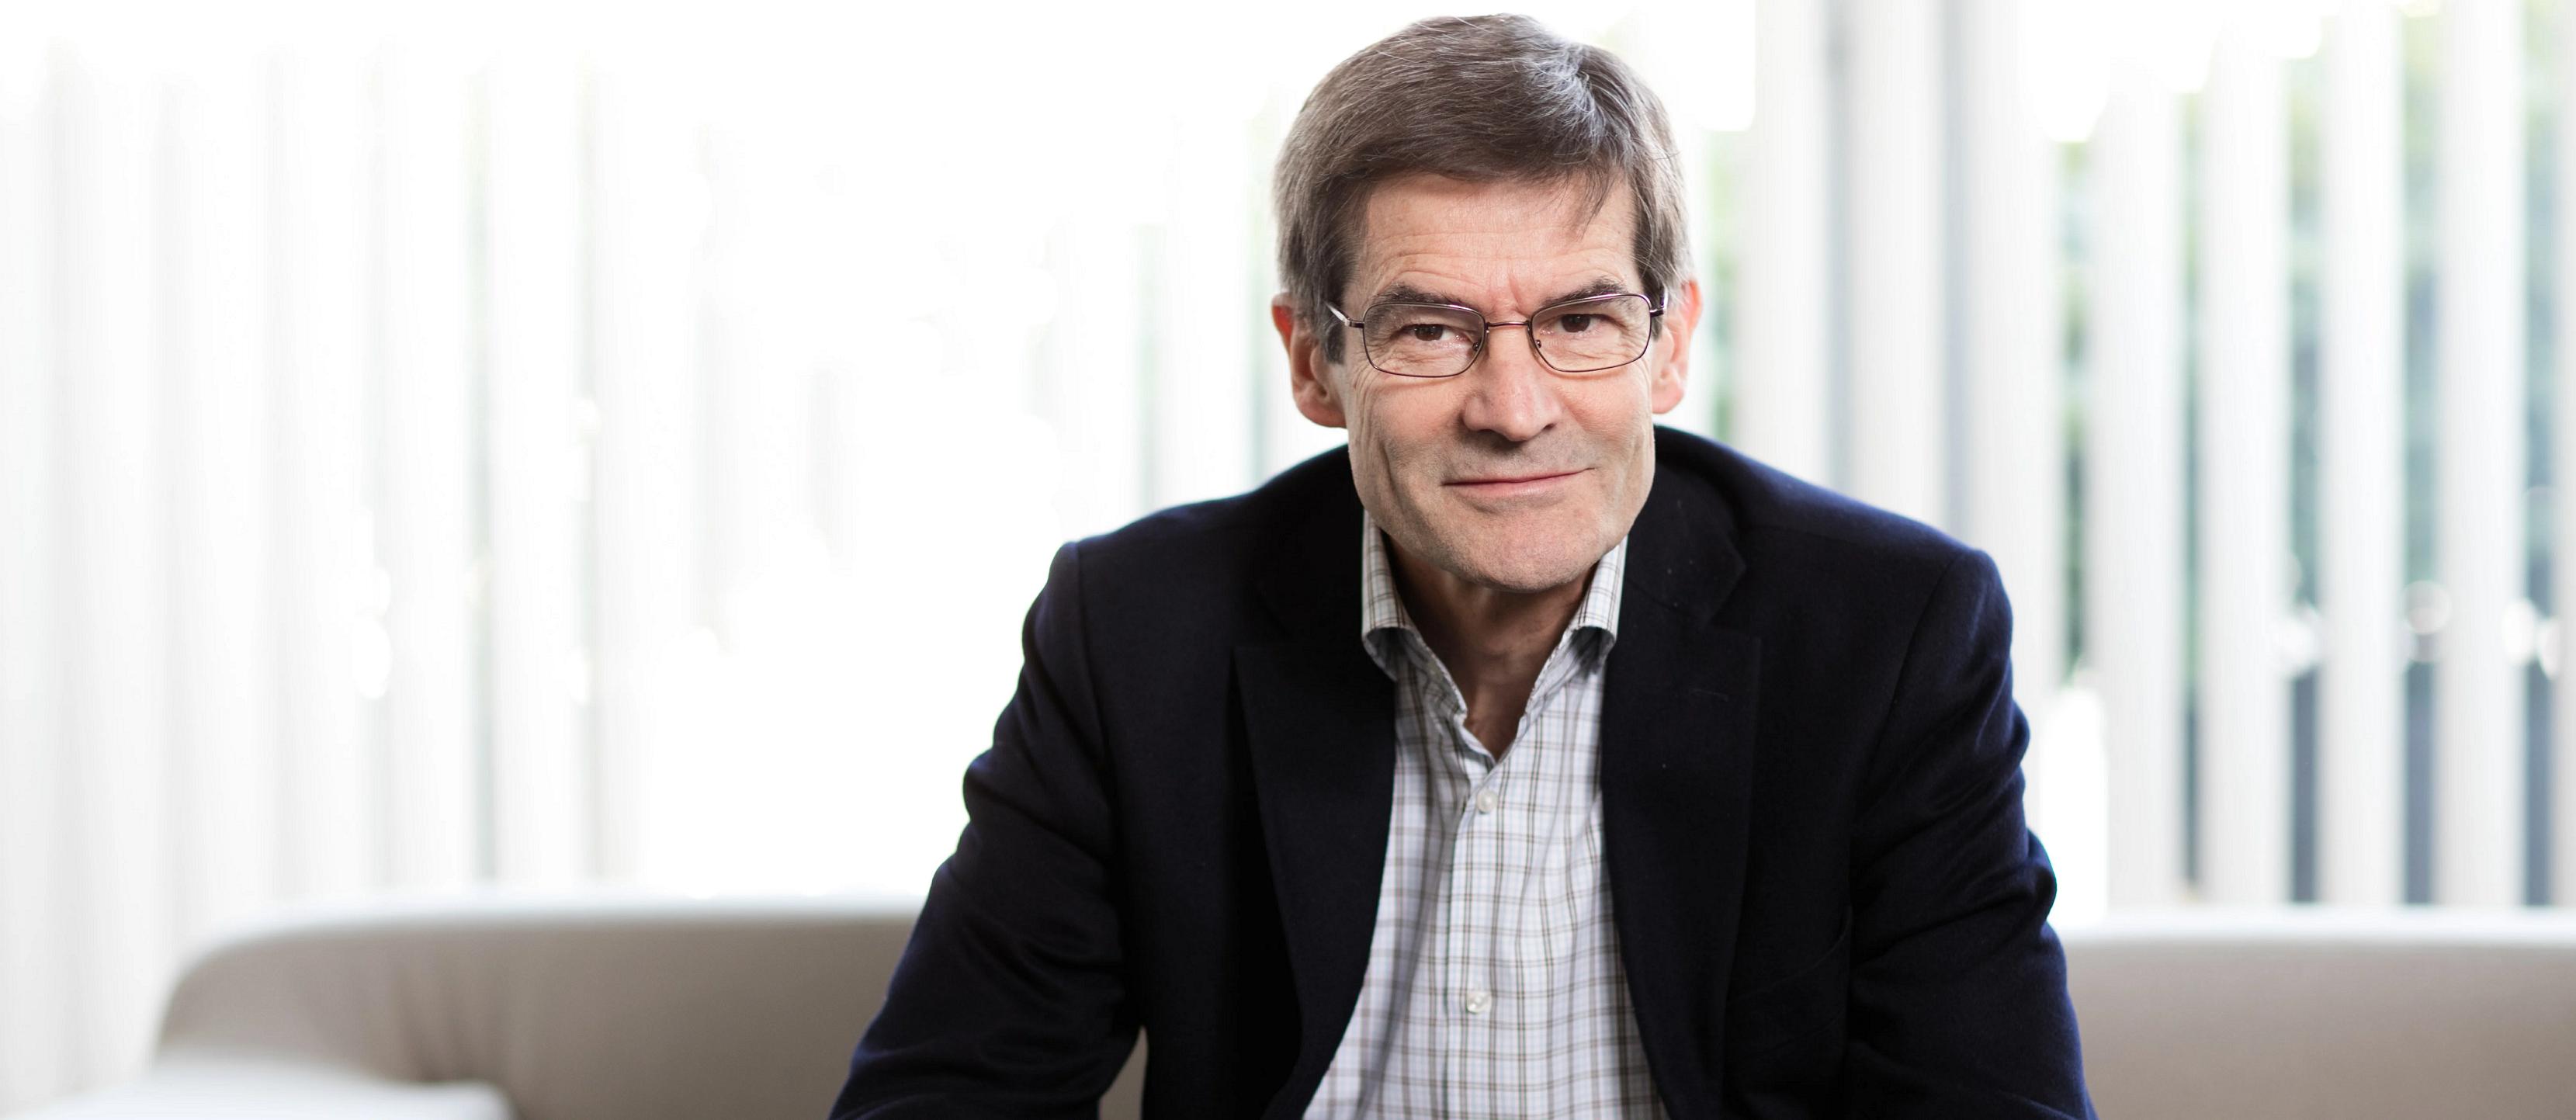 Benoît Cassaigne, nommé président du CFRT (Le jour du Seigneur, Dieu m'est témoin)